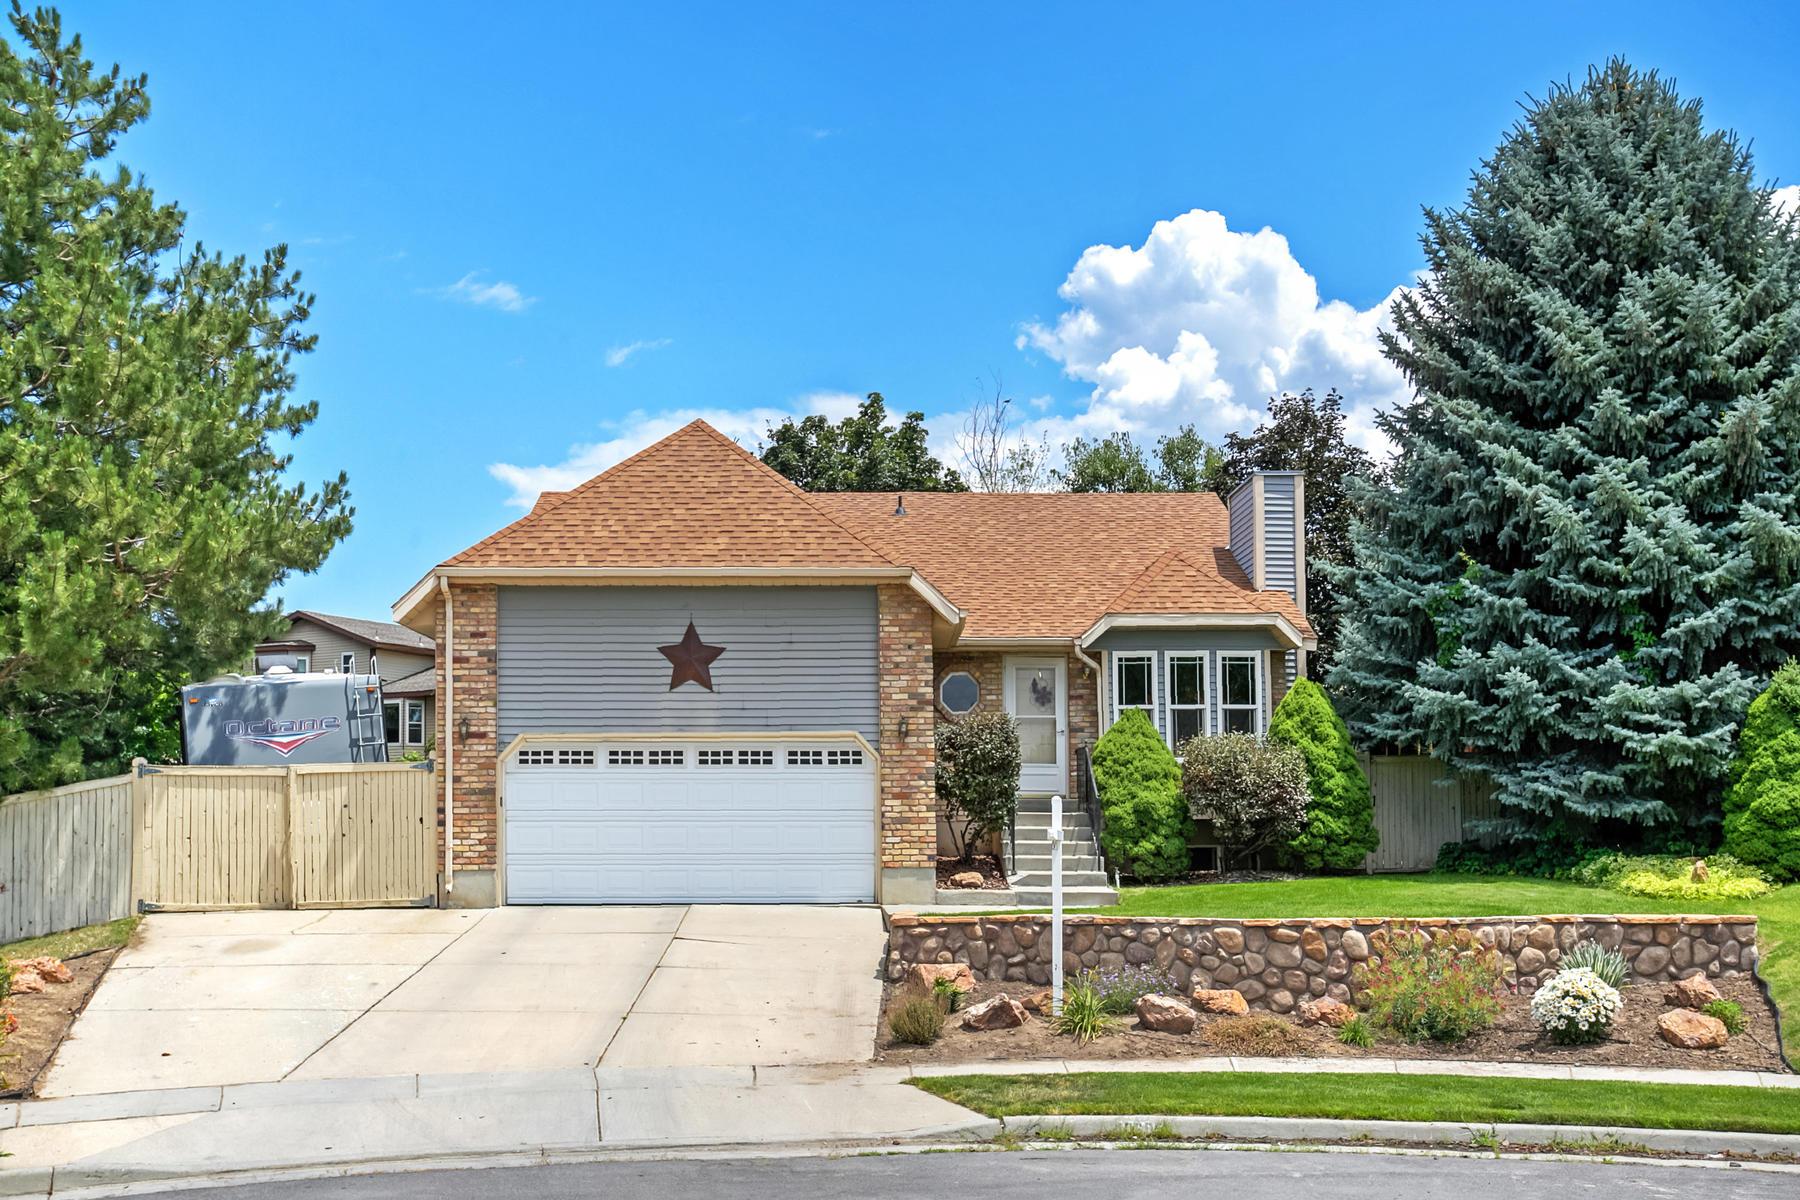 Maison unifamiliale pour l Vente à Great Sandy Area Home 10685 S Superior Cir Sandy, Utah, 84084 États-Unis